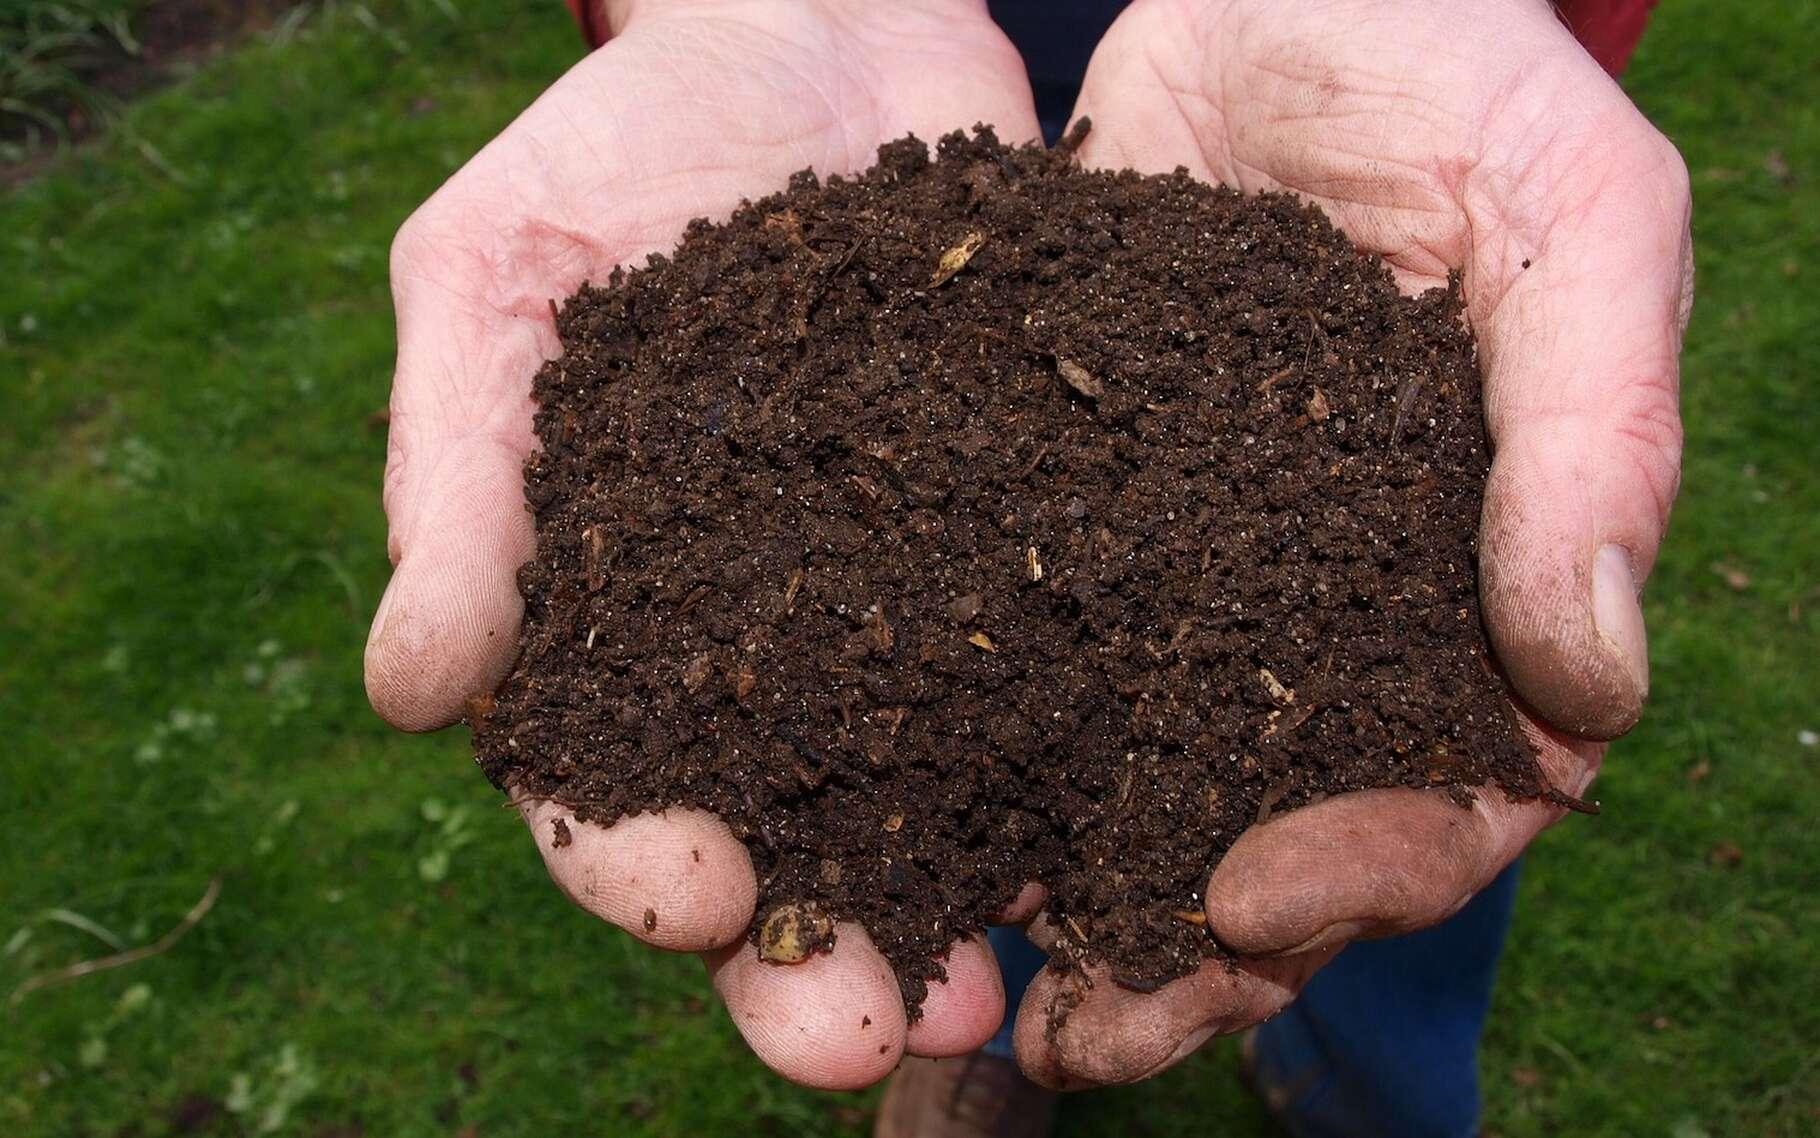 Le compost est issu de la fermentation de déchets organiques. Il ressemble à du terreau. © jokevanderleij8, Pixabay, CC0 Creative Commons